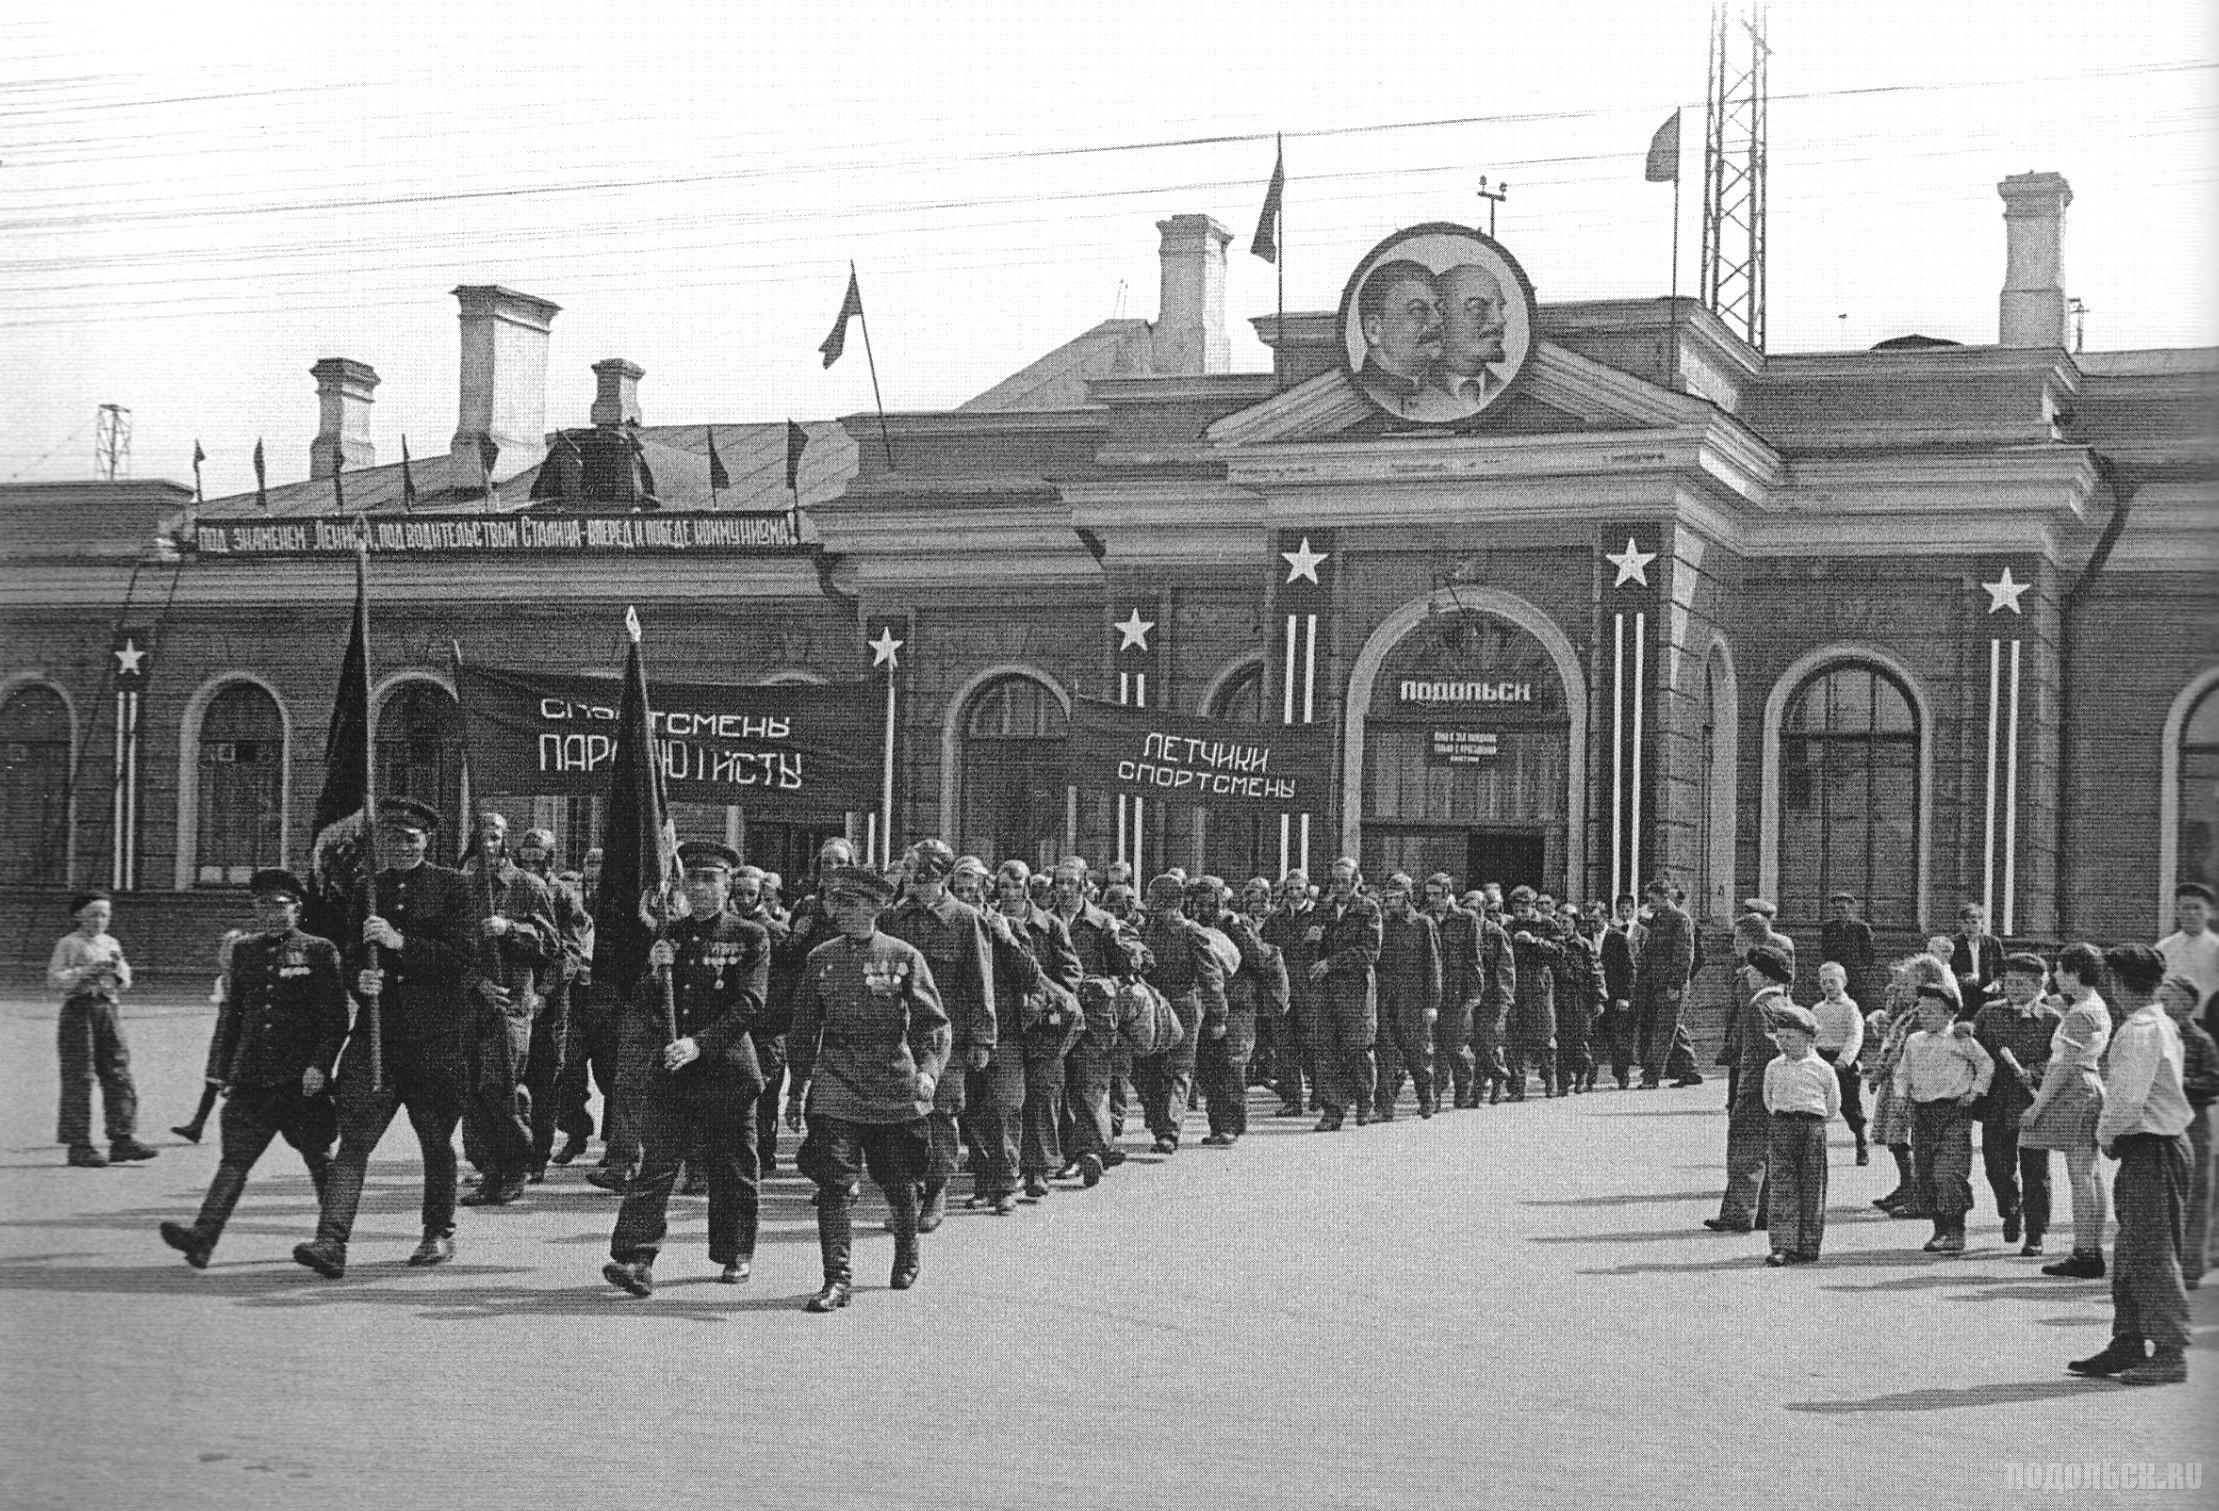 В демонстрации участвуют спортсмены-лётчики, на Вокзальной площади, 1948 год.